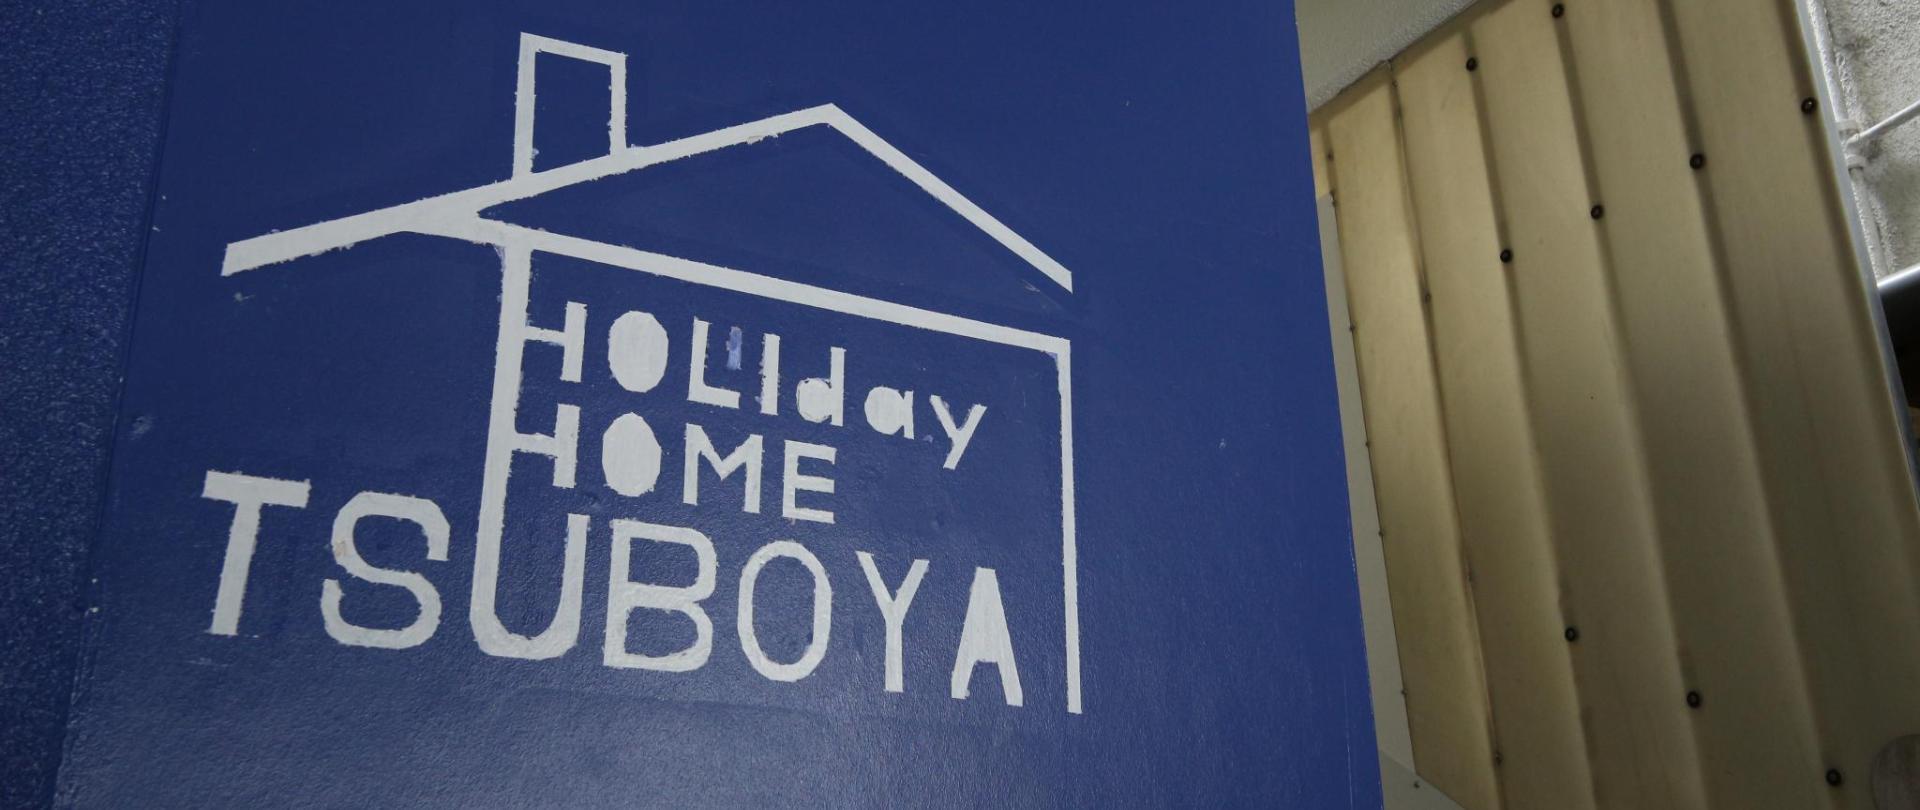 Holiday Homes TSUBOYA 1st